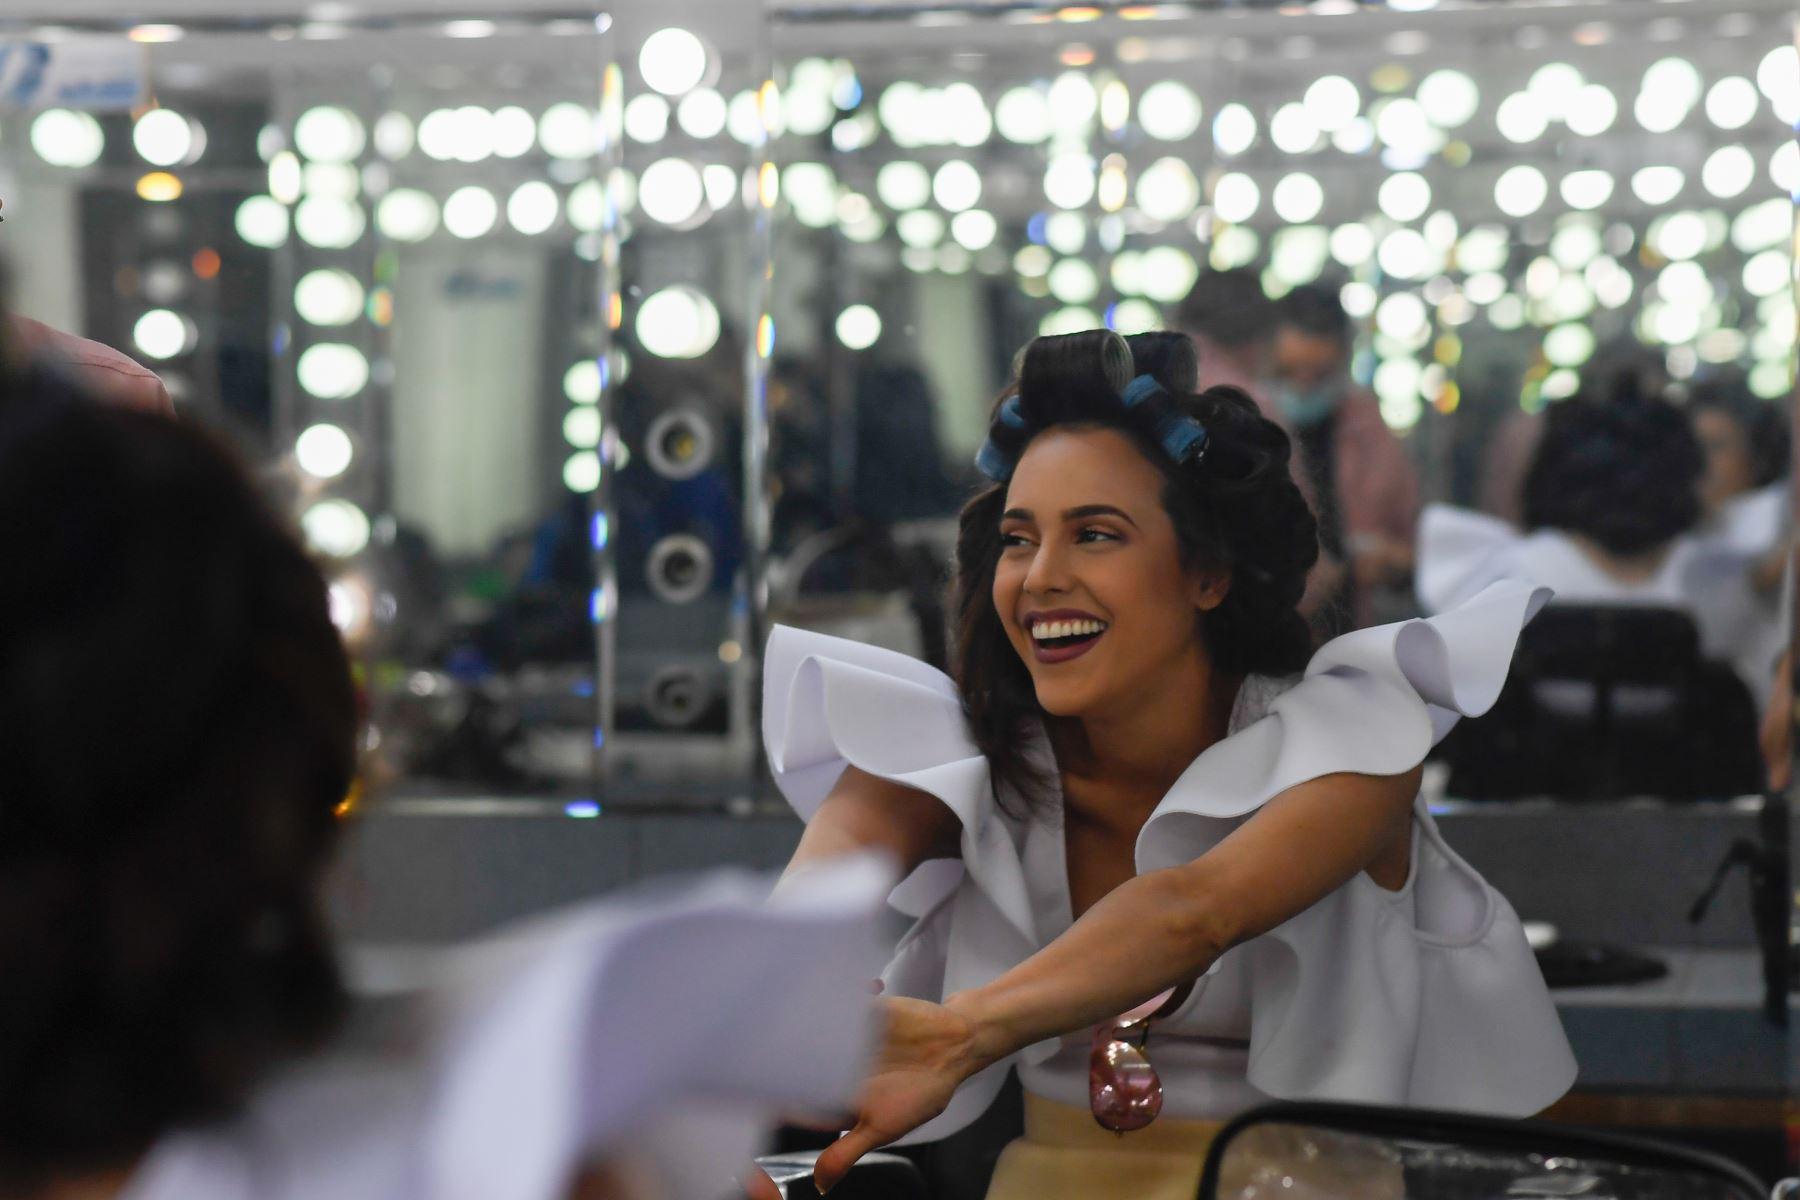 La concursante del estado Miranda, Luiseth Materan, se prepara en el camerino antes de una reunión con los jueces del certamen de belleza. Foto: AFP